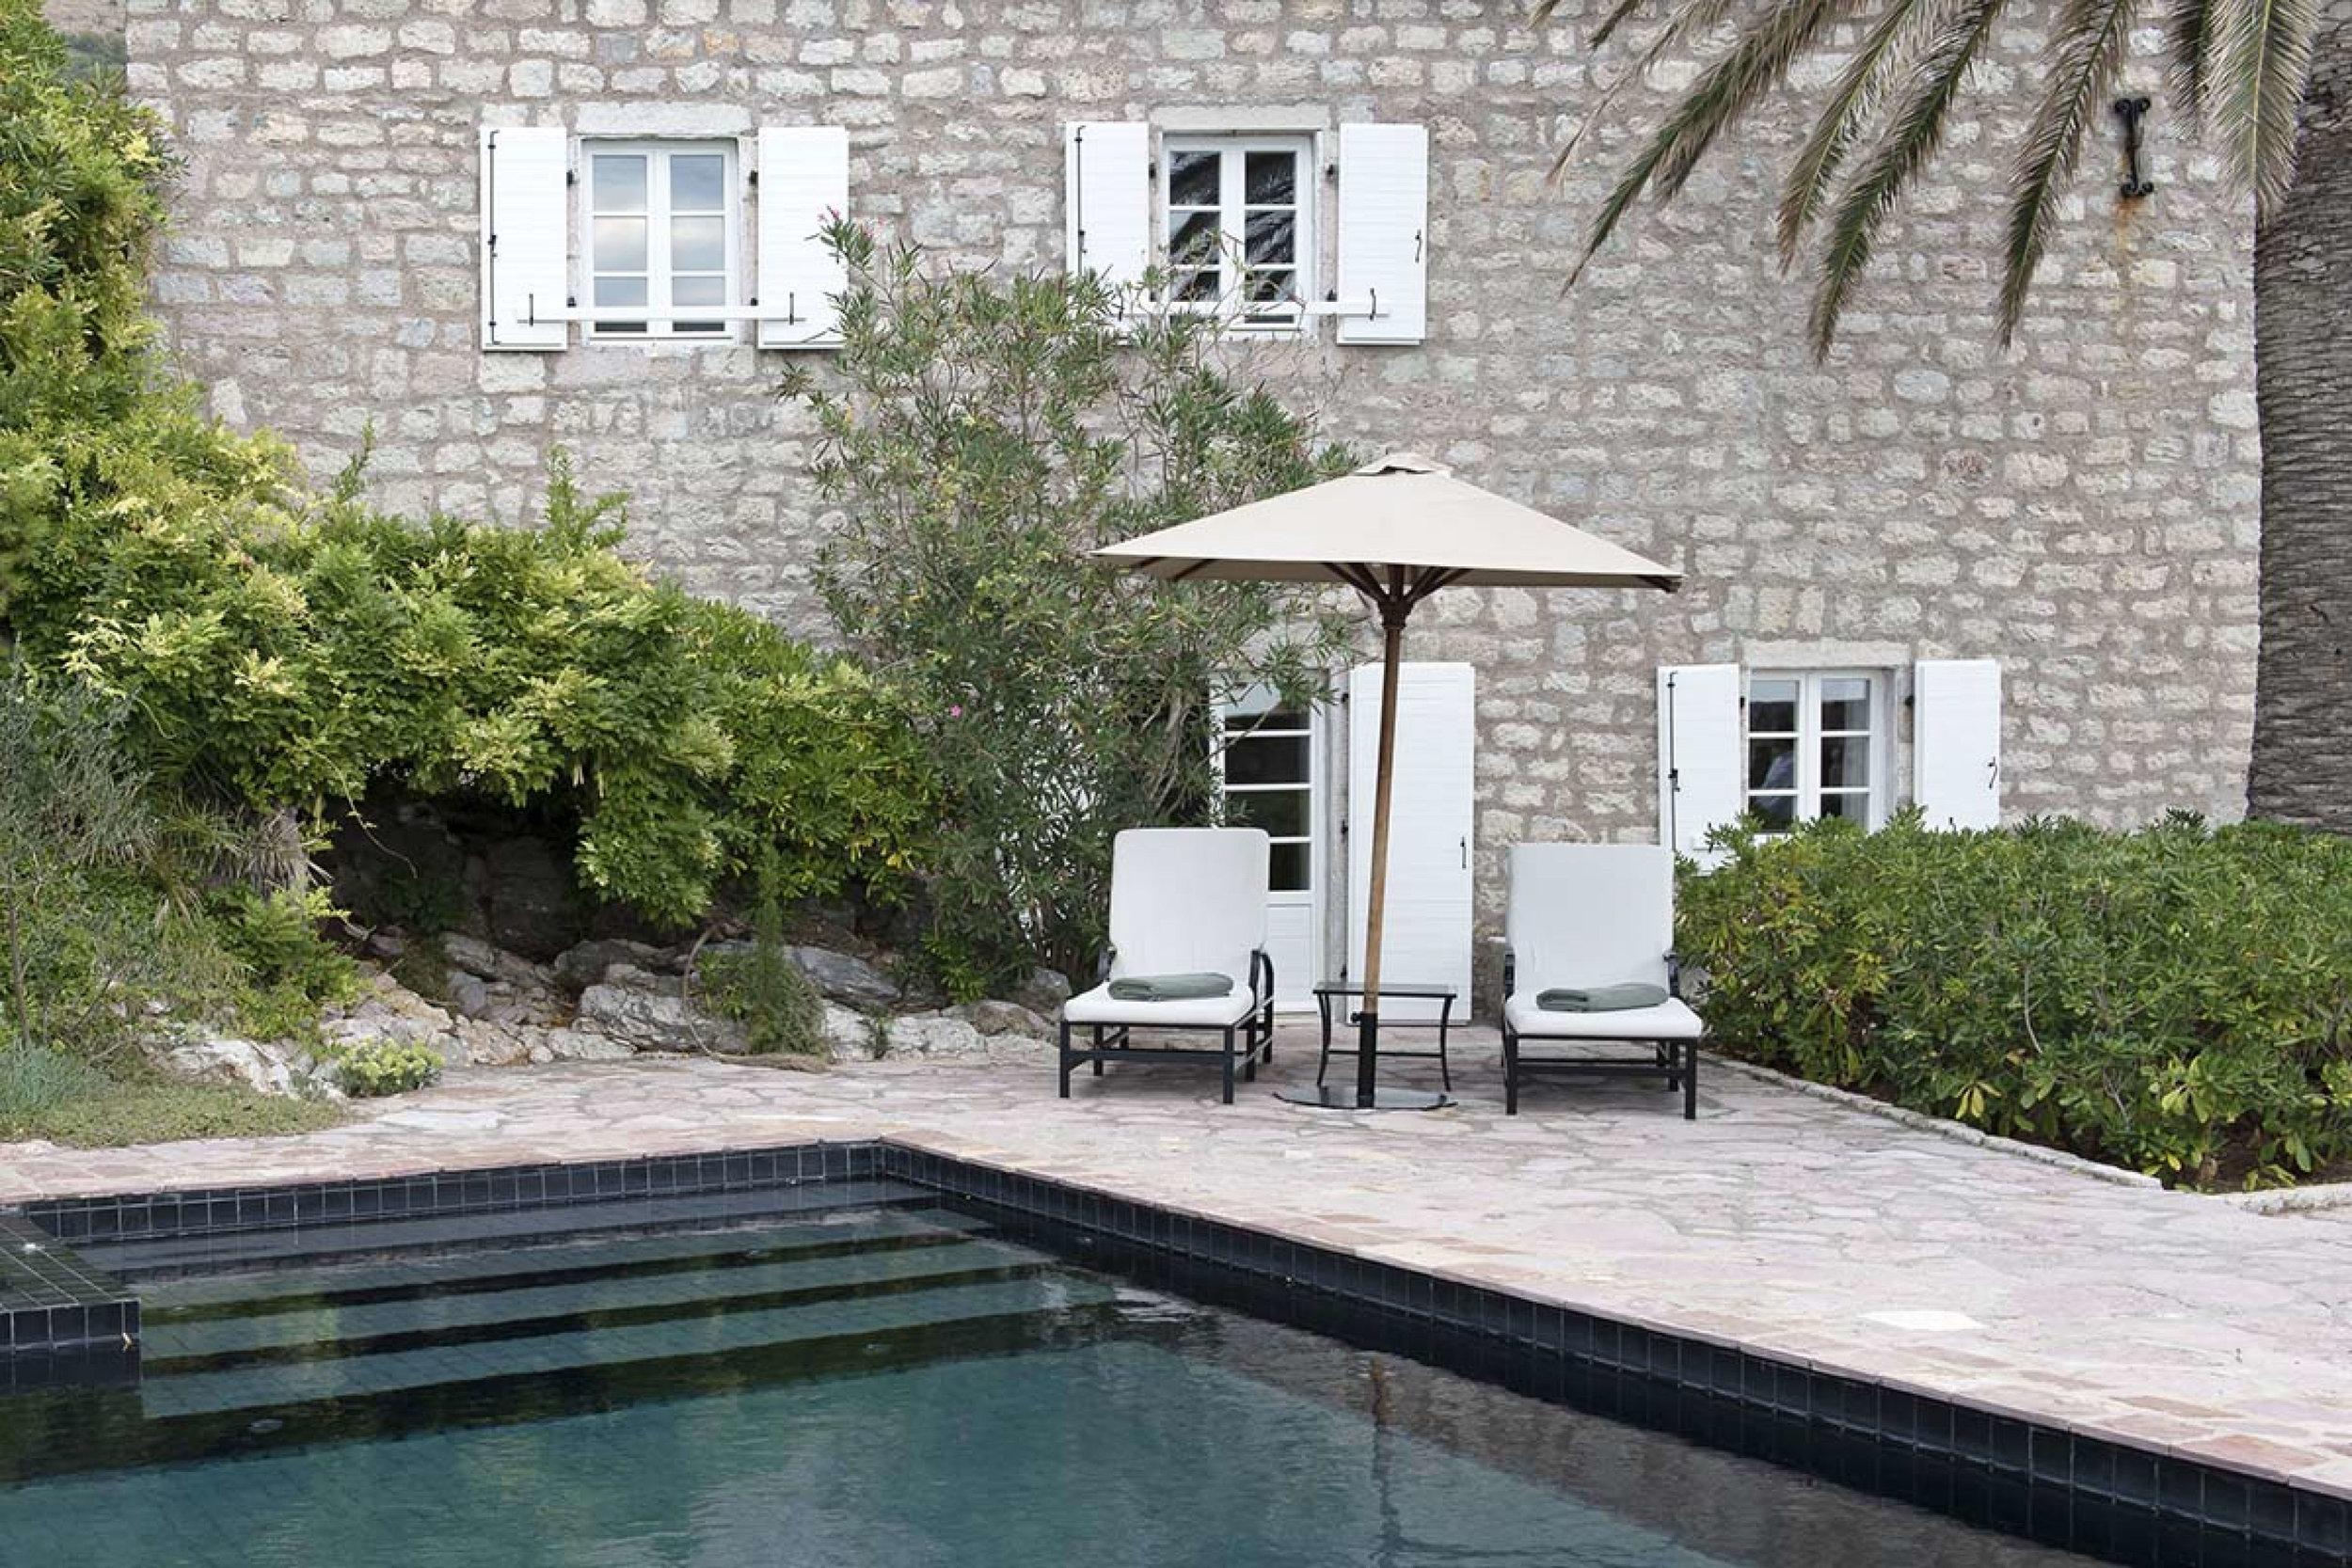 sveti_stefan_suite_pool_and_terrace_high_res_2445.jpg